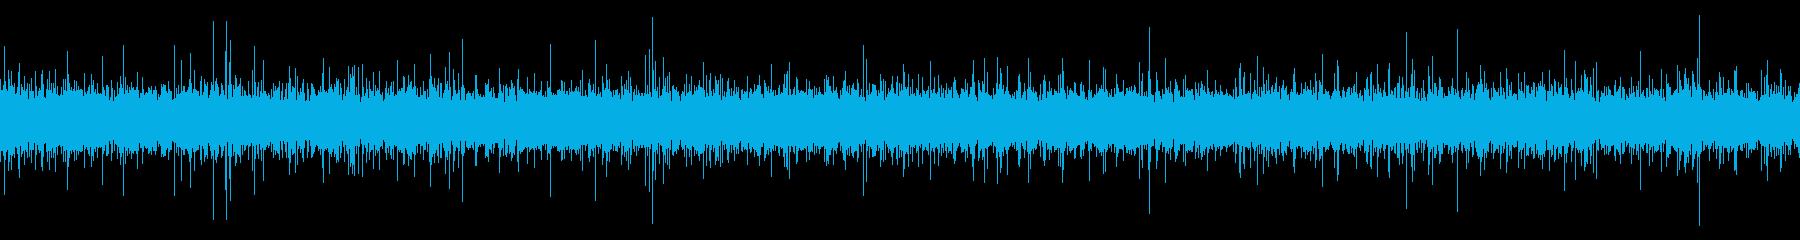 小川の音の再生済みの波形